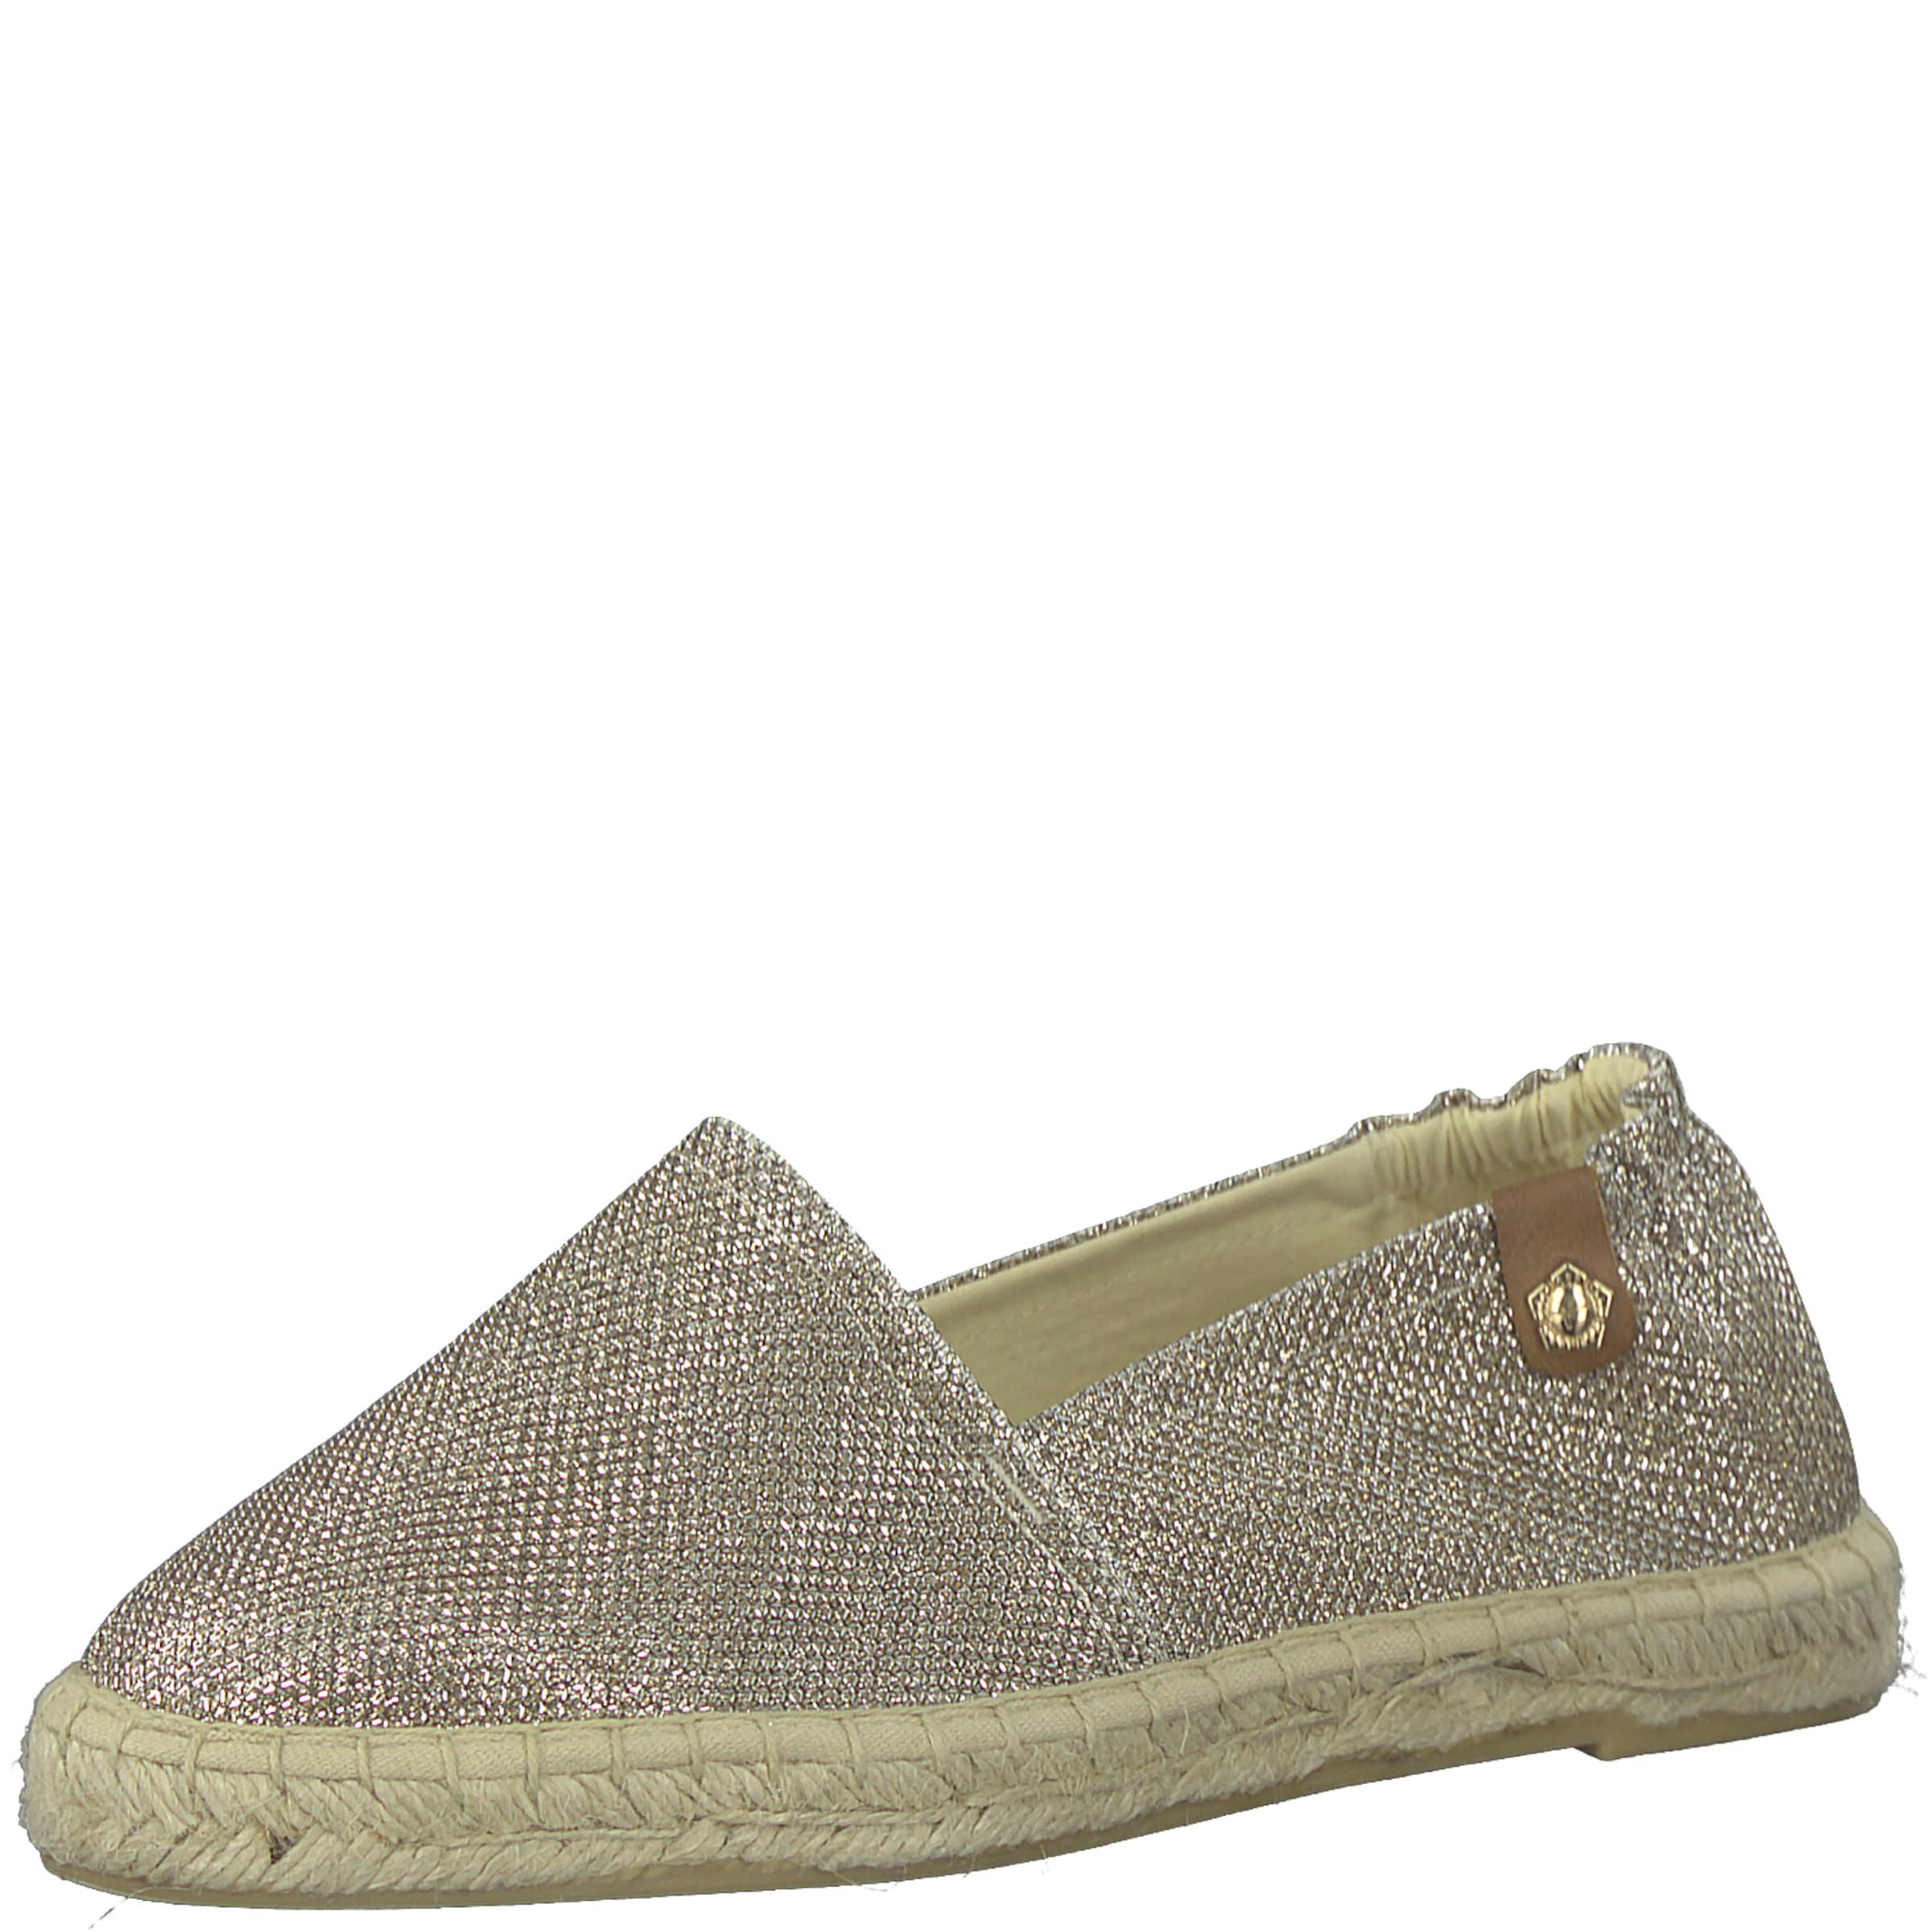 TAMARIS Espadrille Günstige und langlebige Schuhe